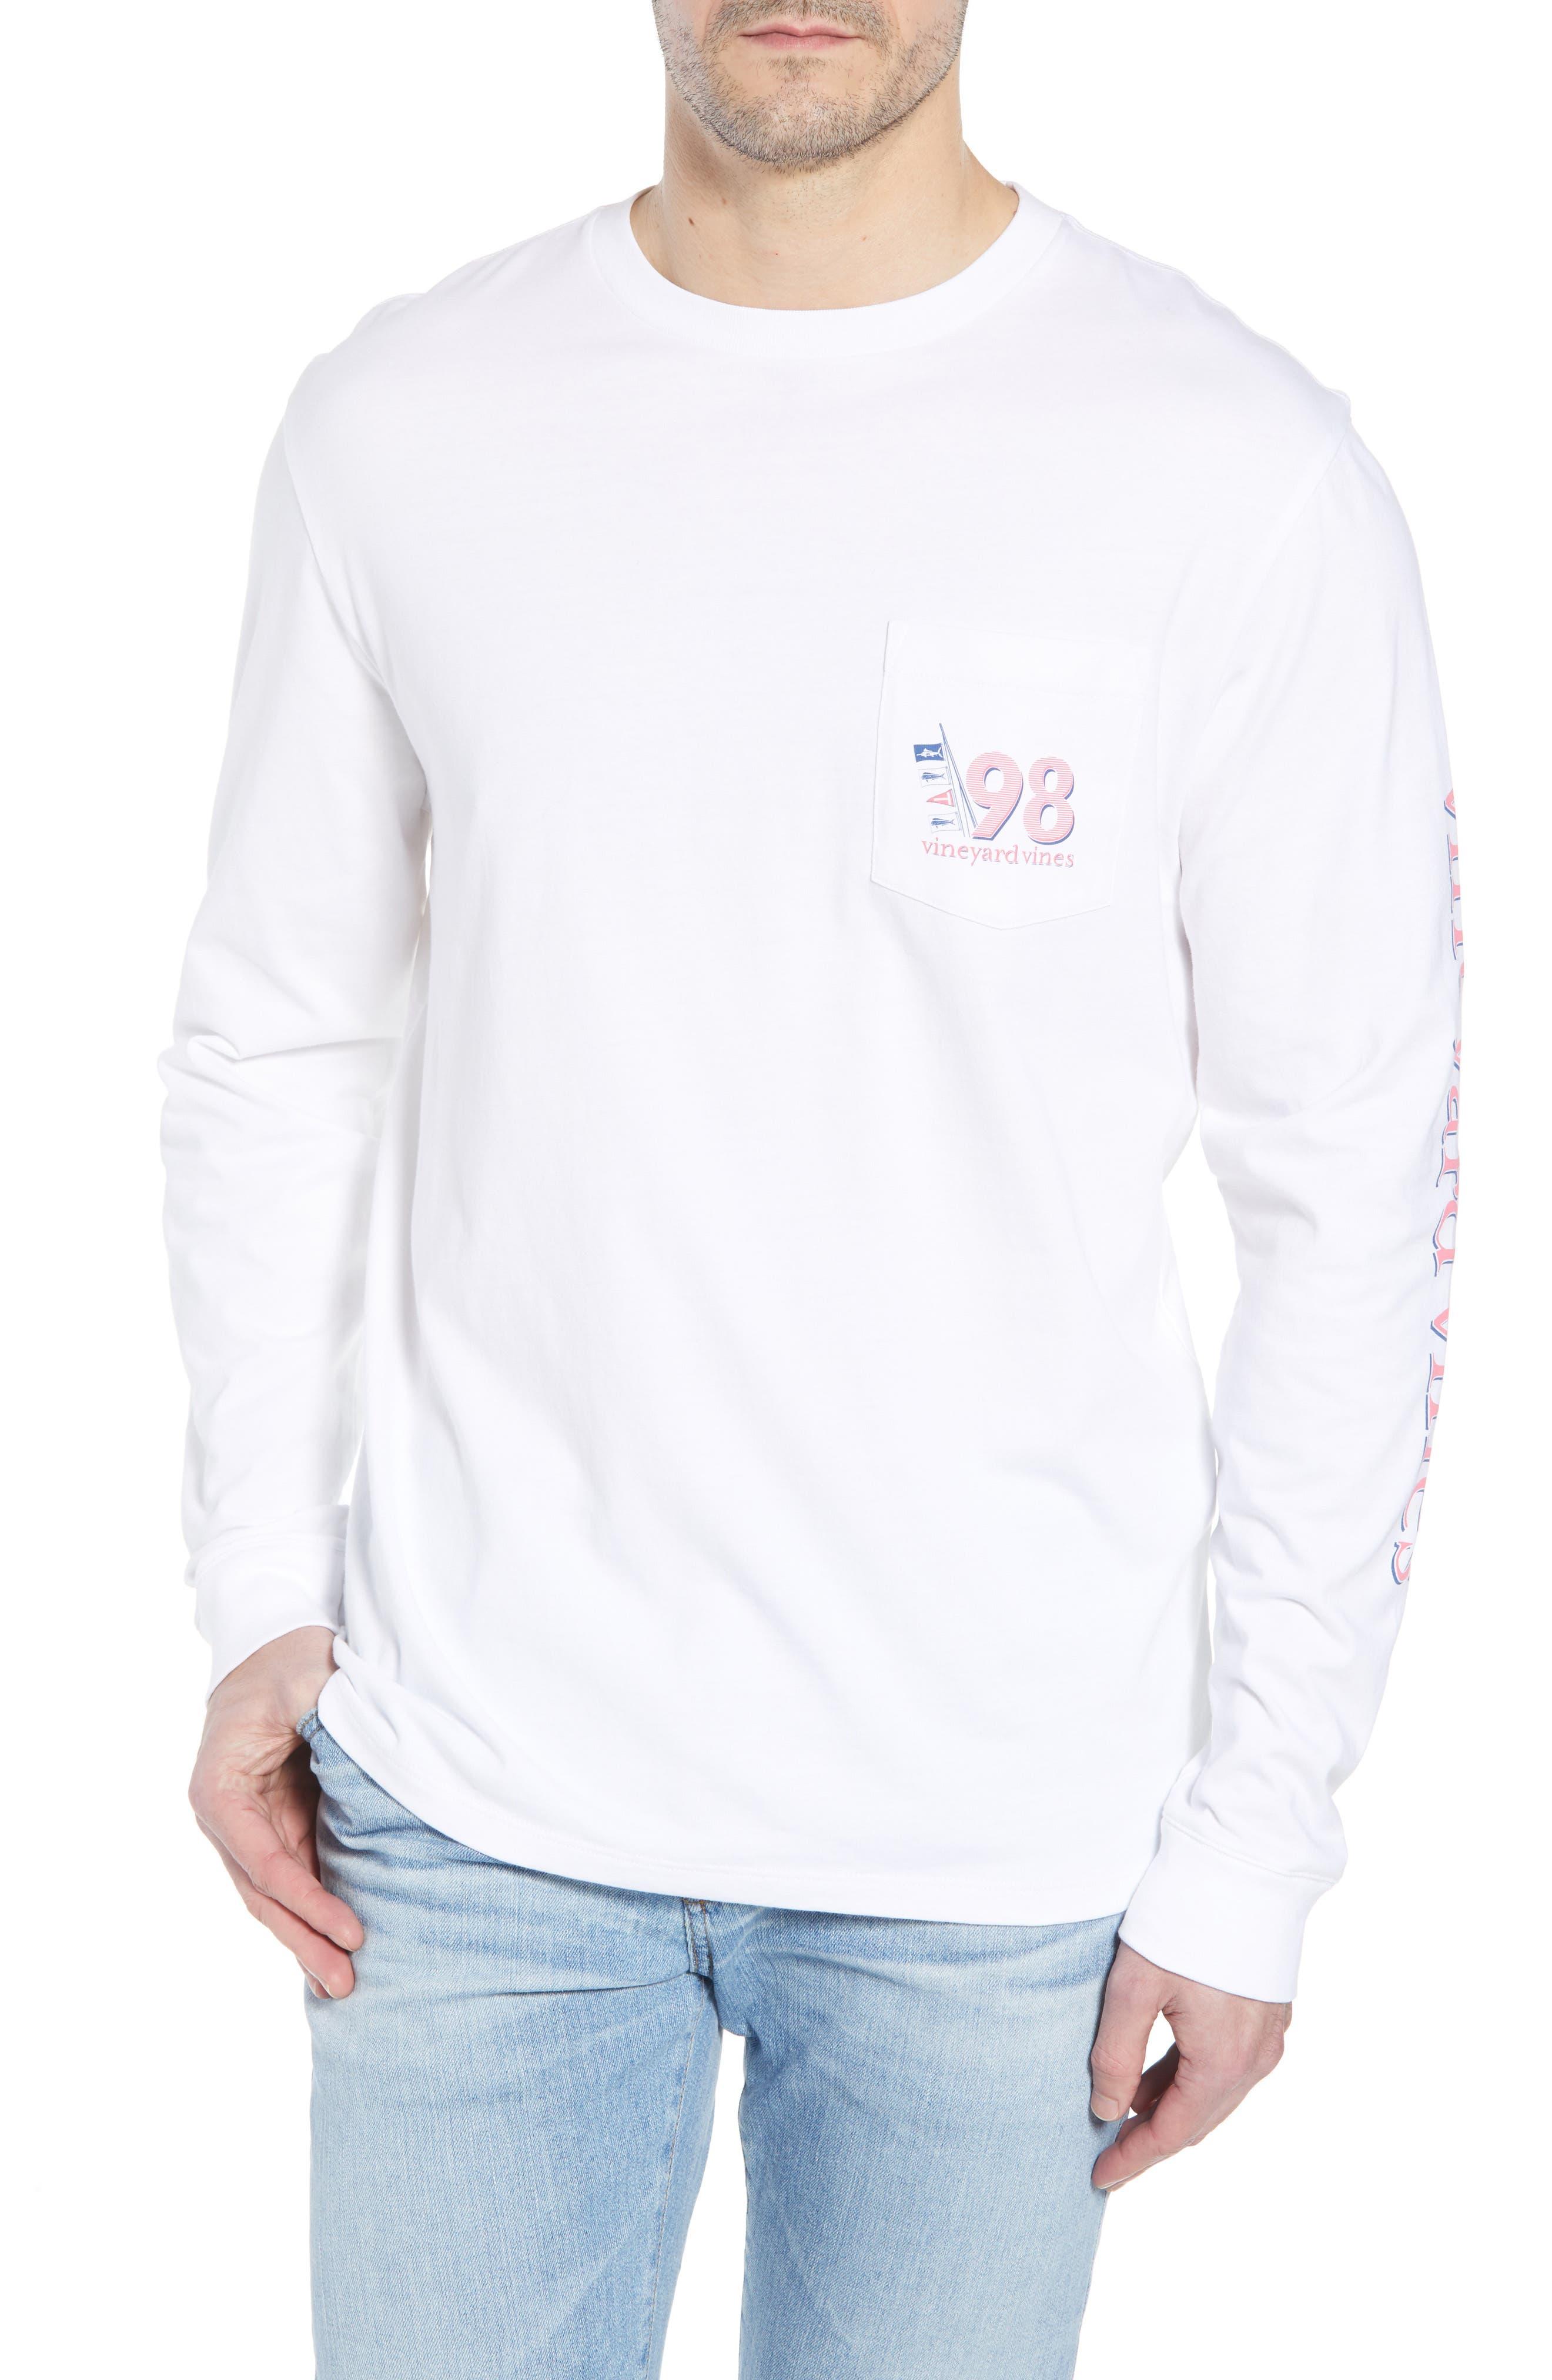 Sportfisher Regular Fit Crewneck T-Shirt,                         Main,                         color, 100